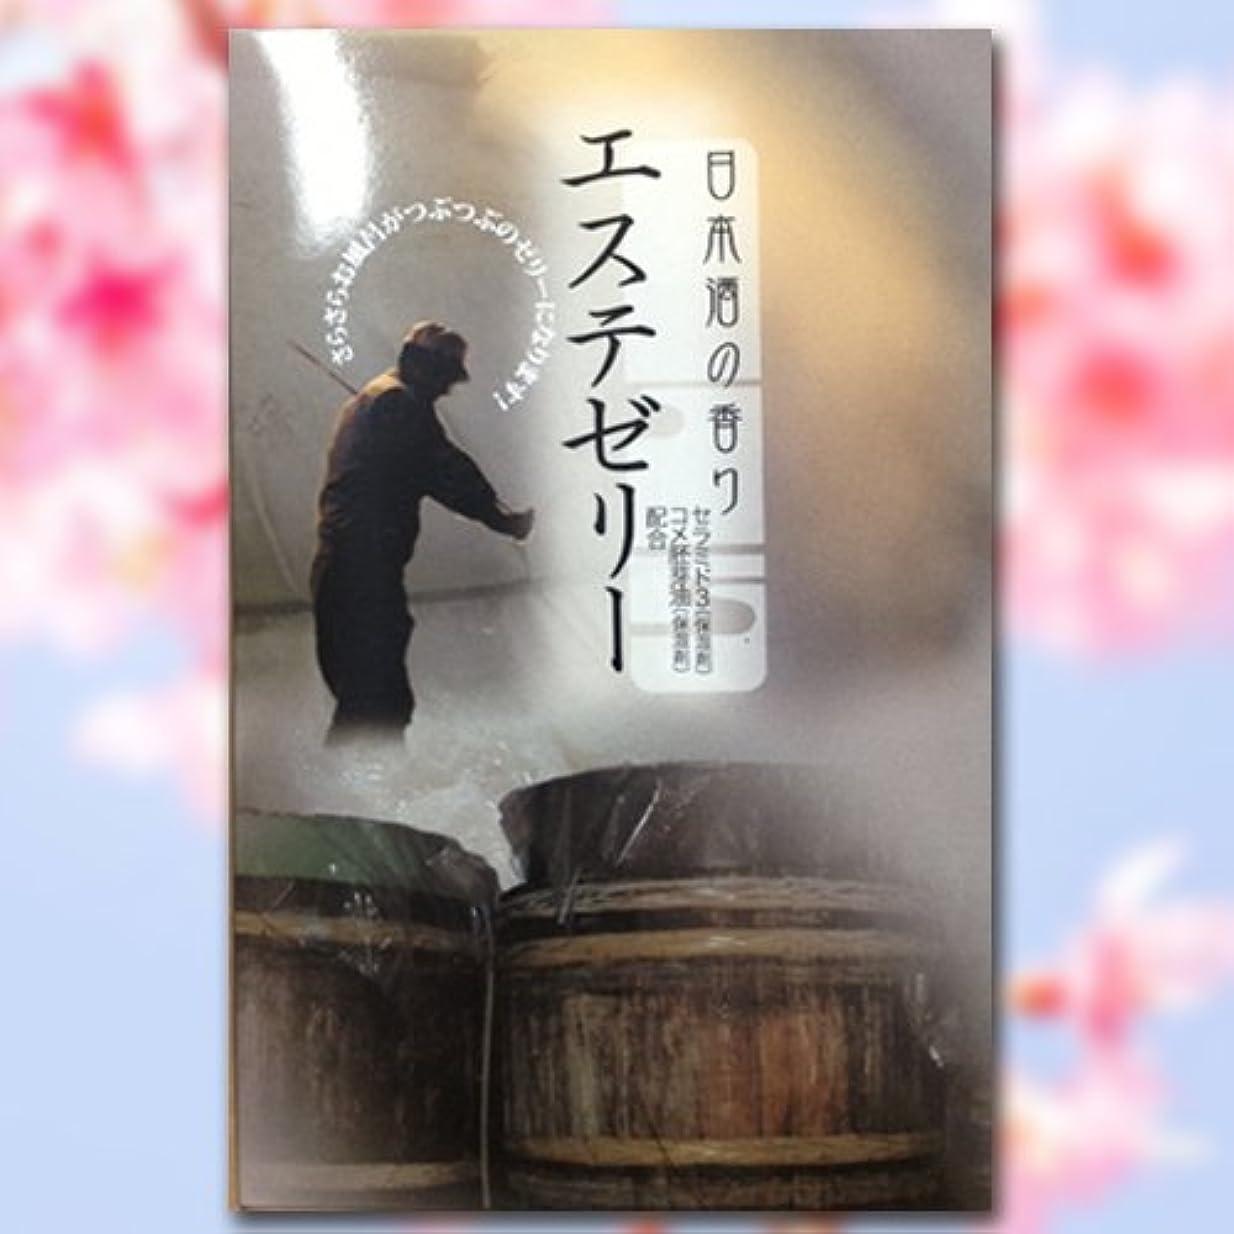 ツール専門知識緯度【2個セット】Esthe Jelly エステゼリー 日本酒の香り (入浴剤)